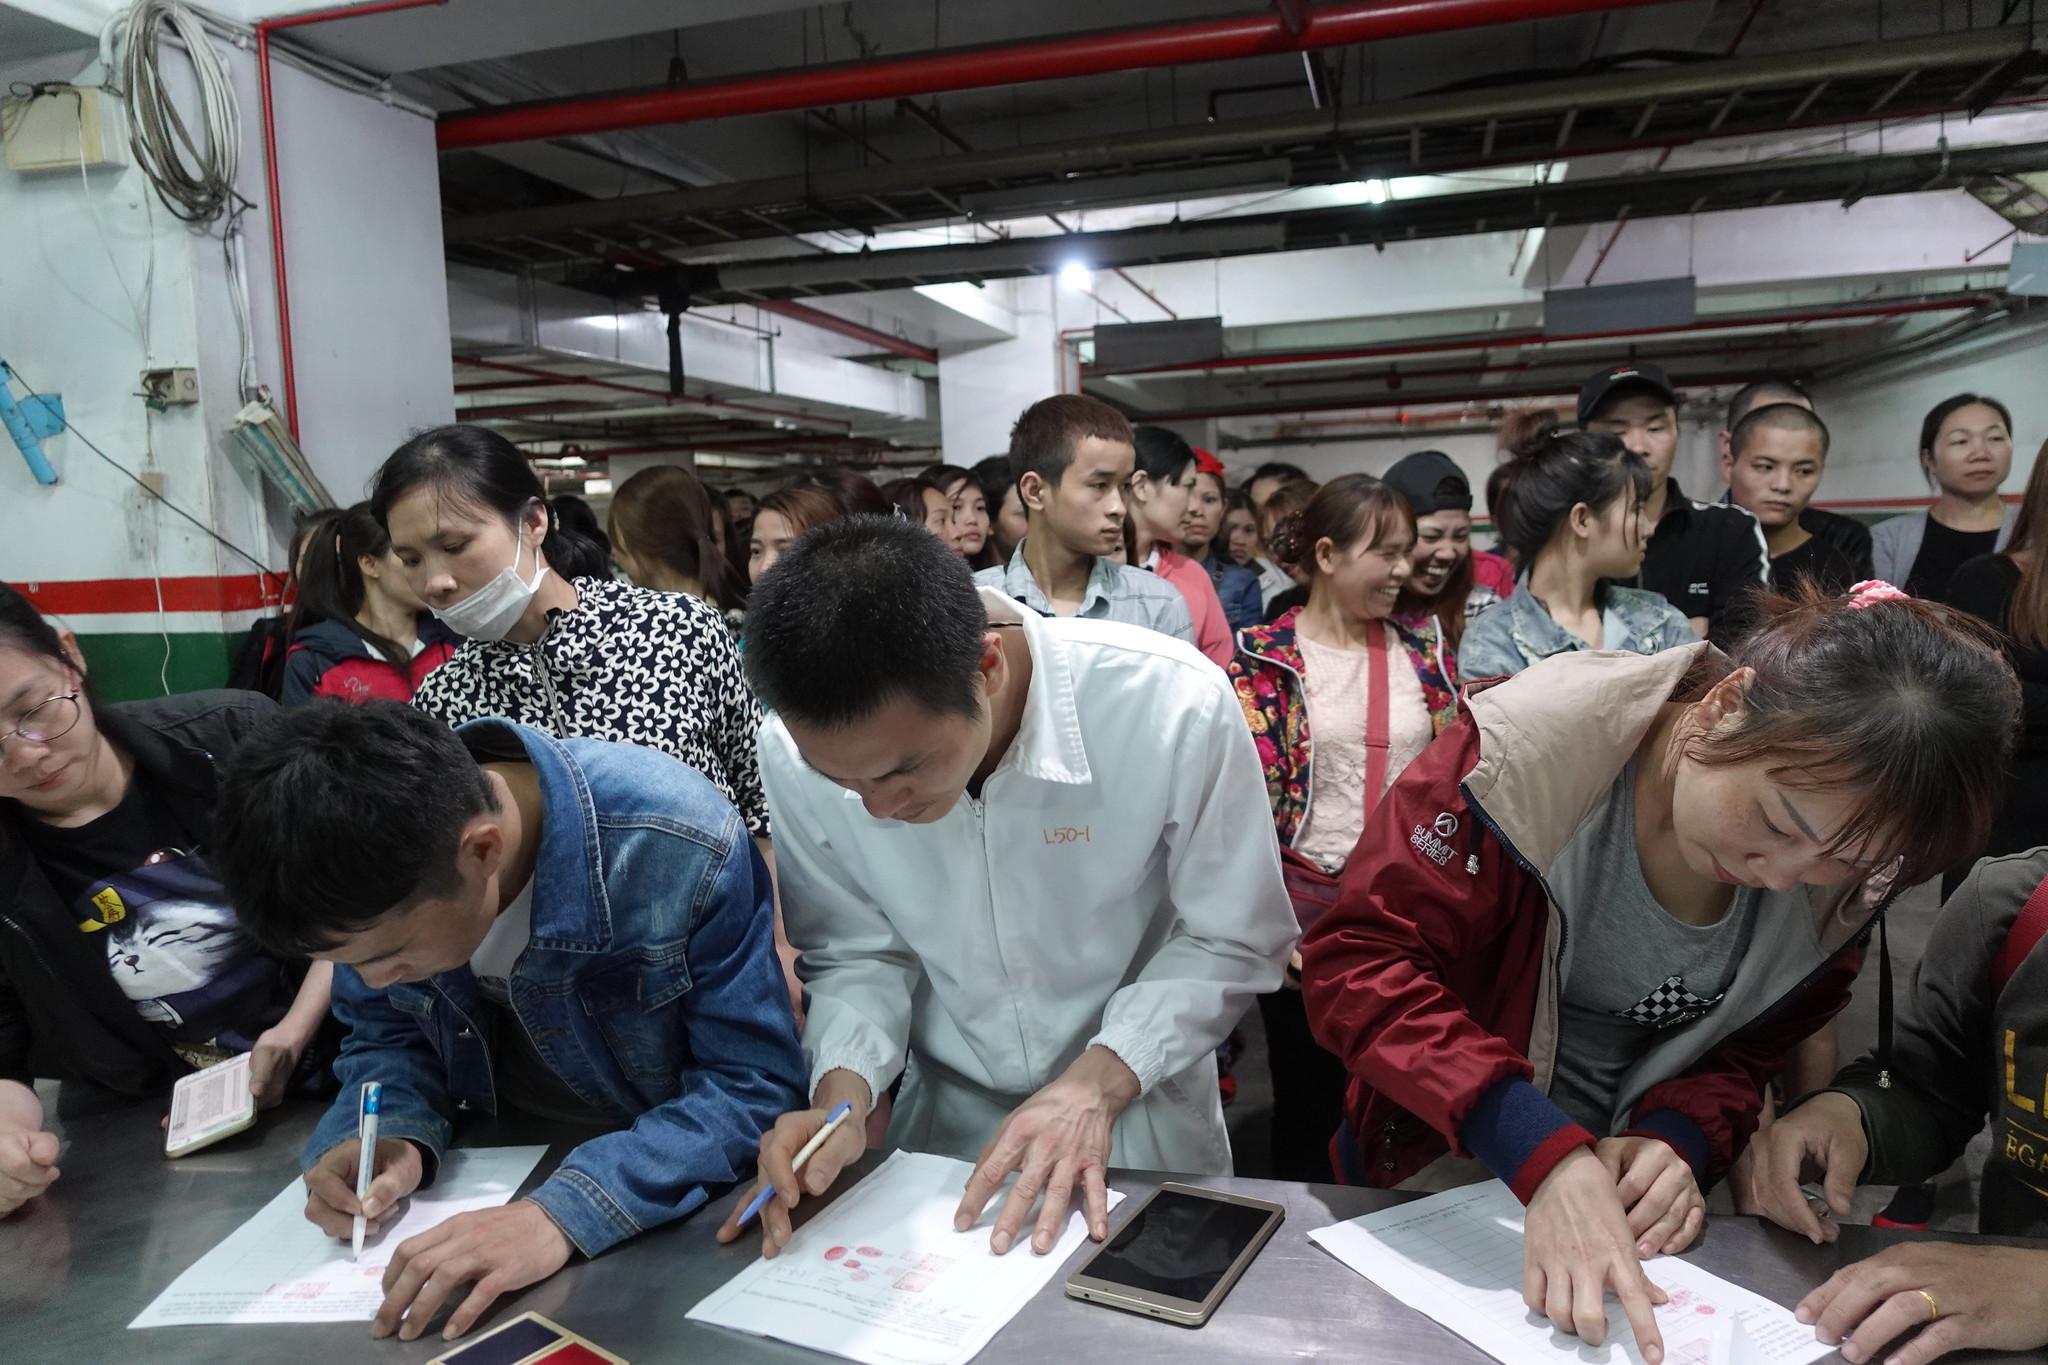 罷工移工與資方簽署協議。(攝影:張智琦)